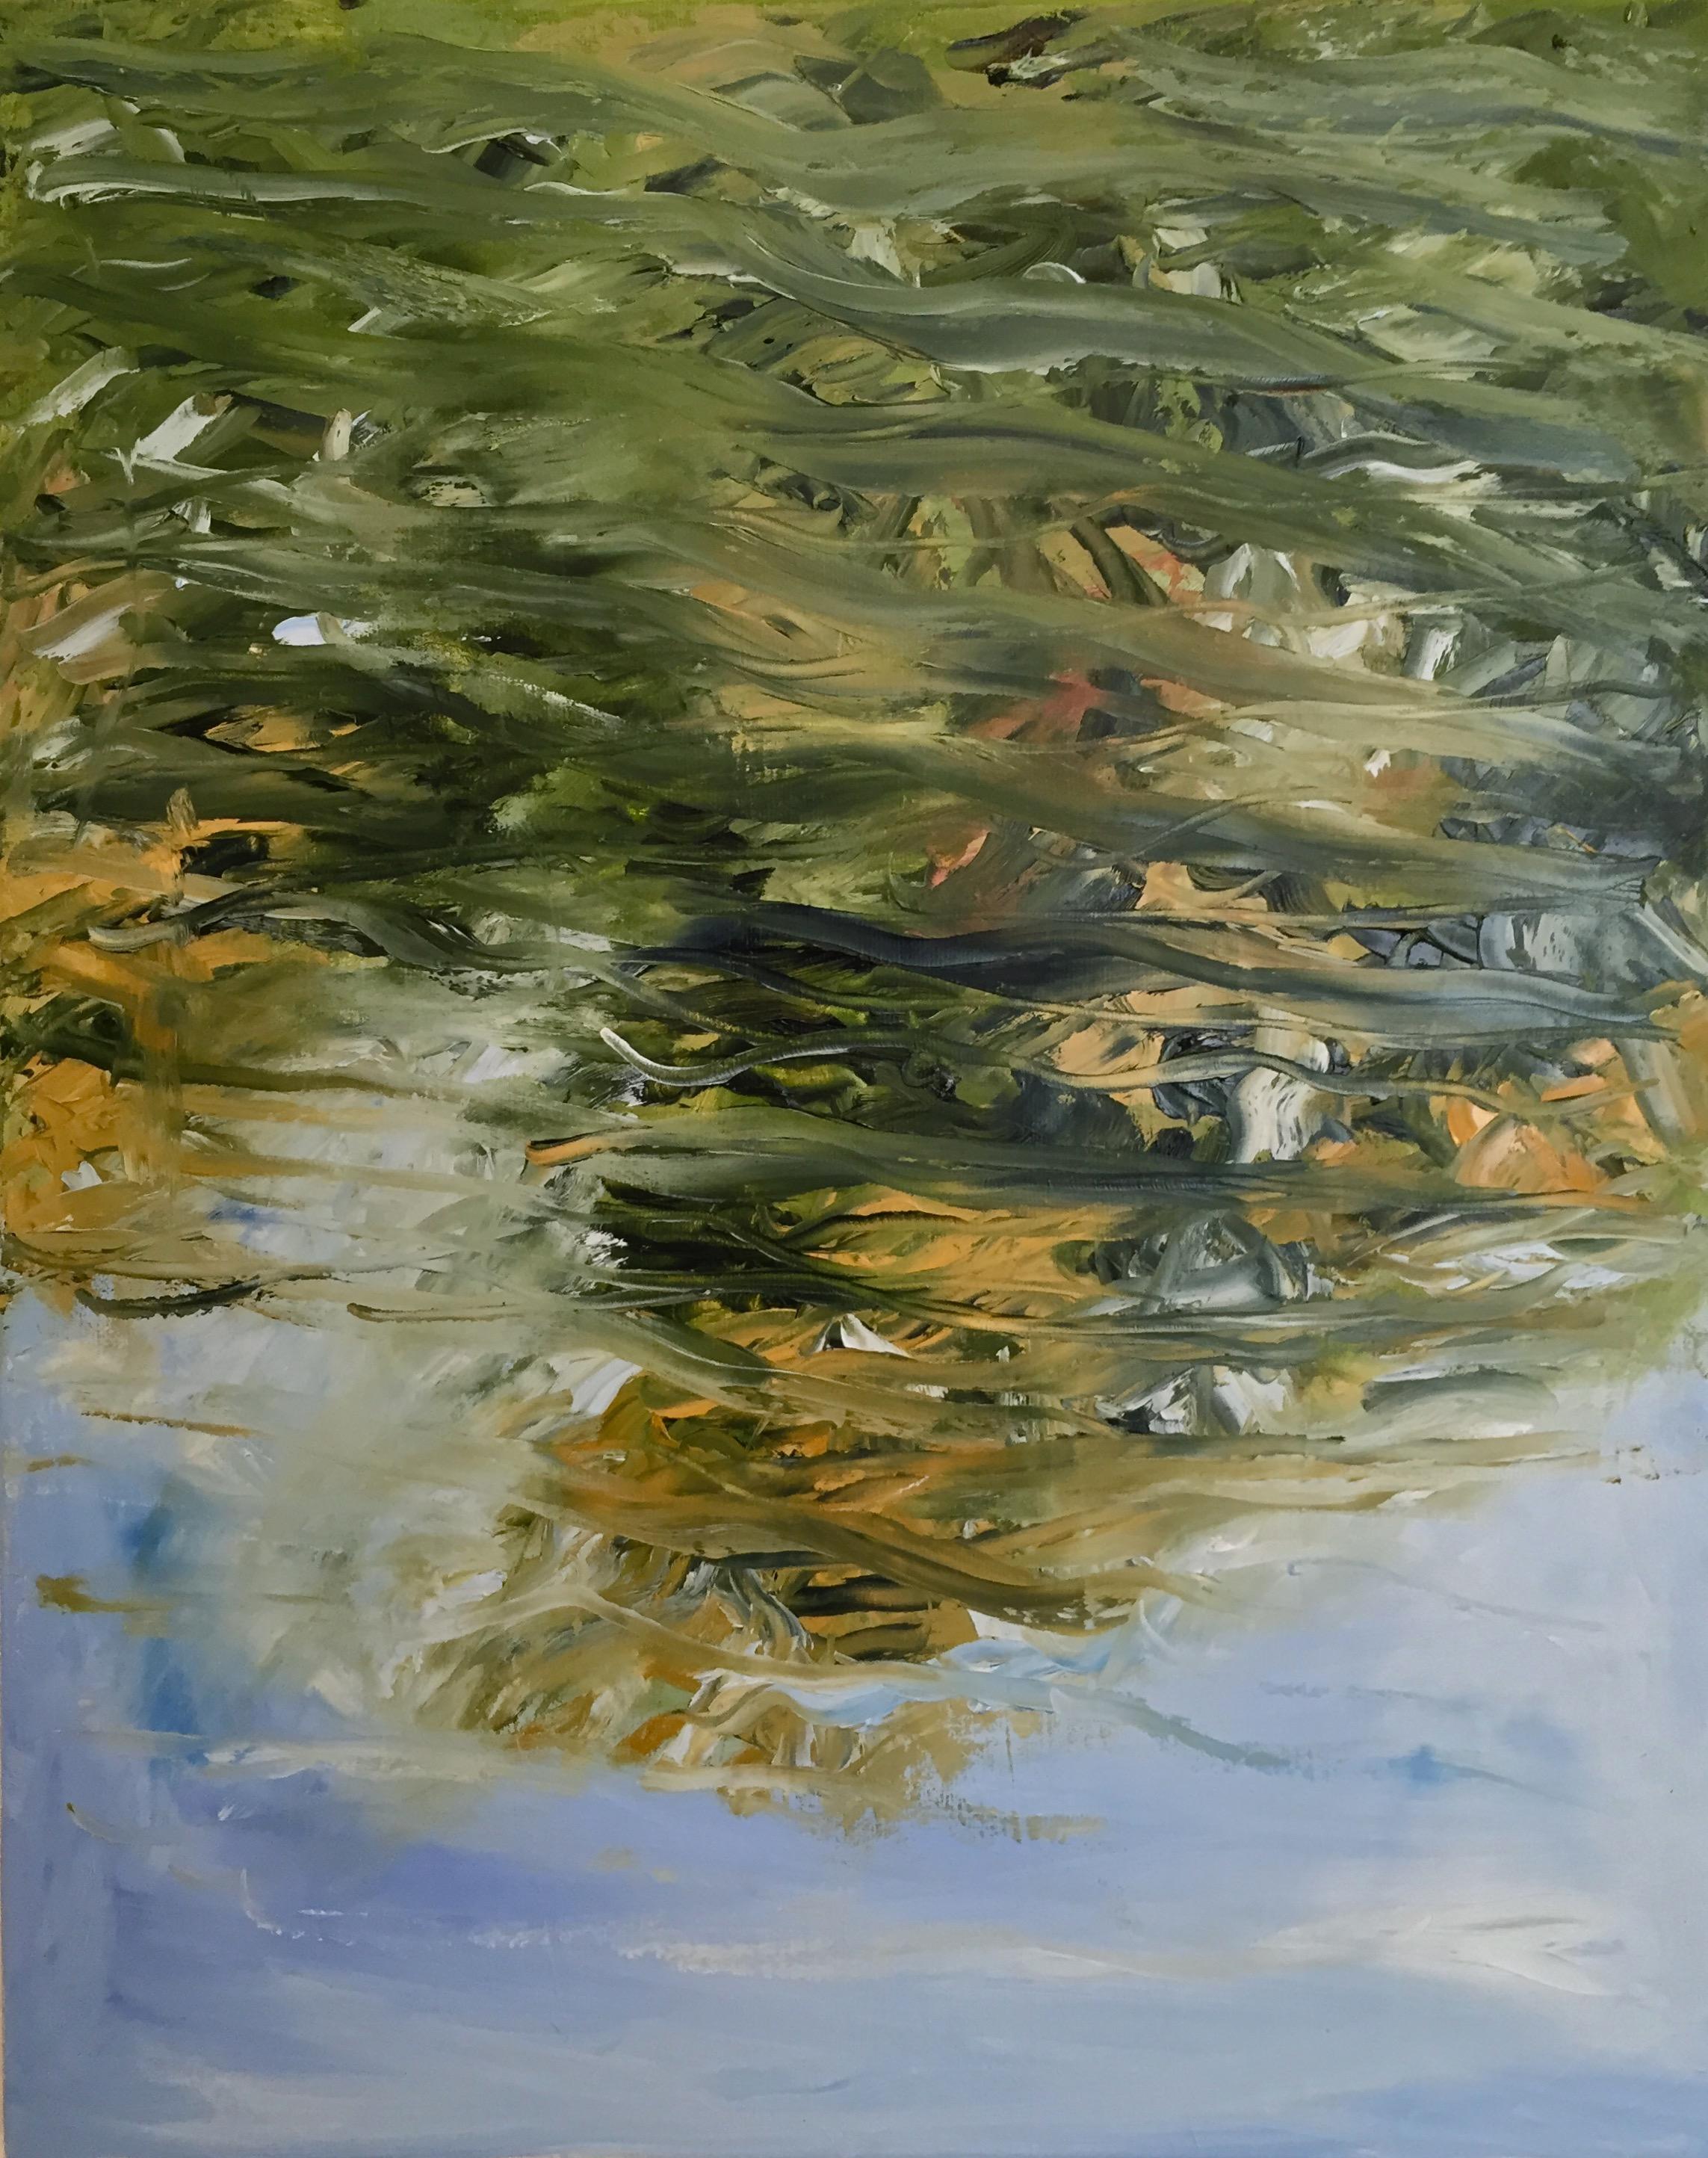 Study of Reflection, Prospect Park Lake